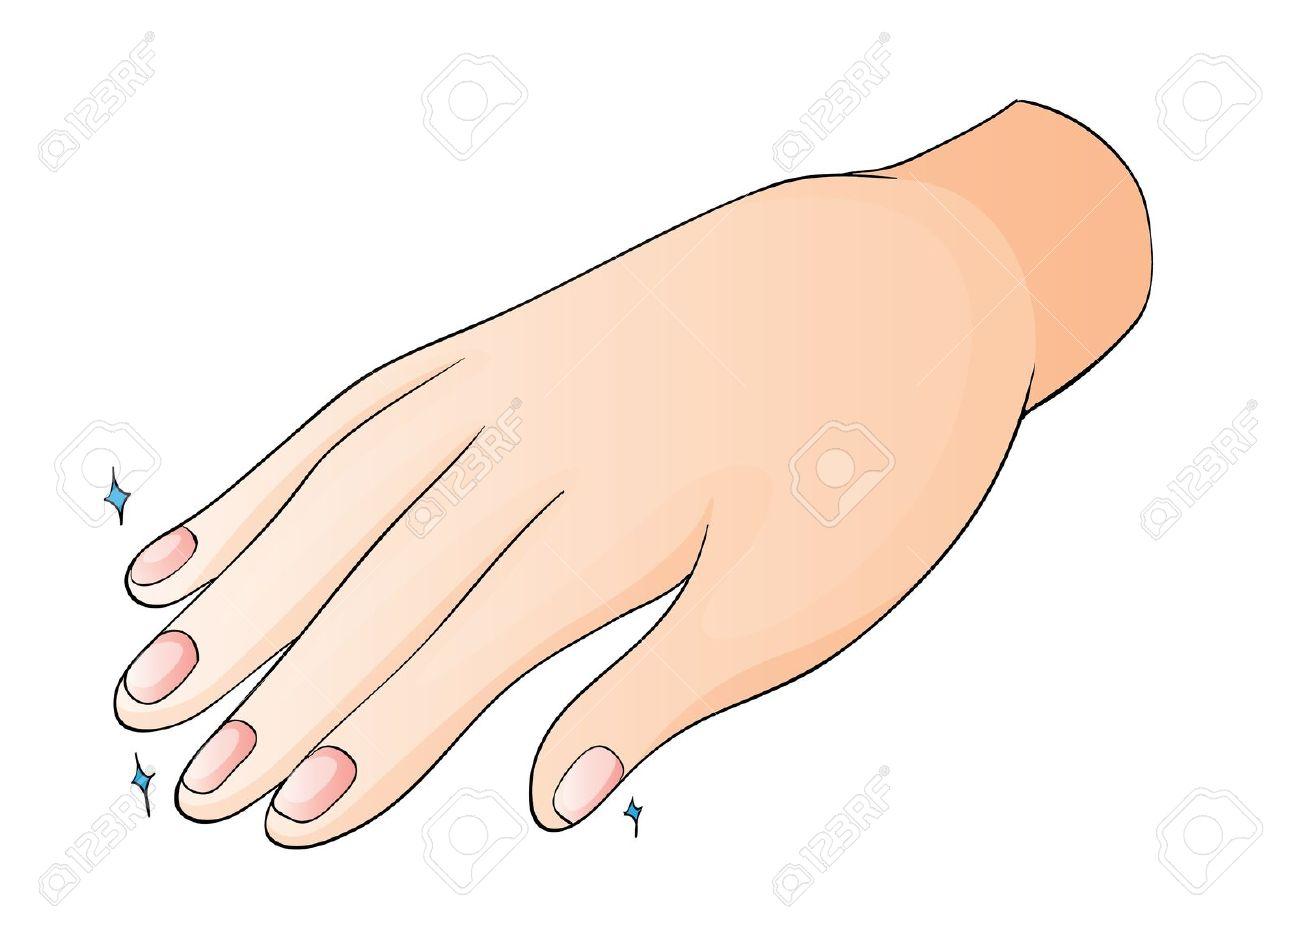 Nail clipart fingernail Fingernails Clipart Clipart